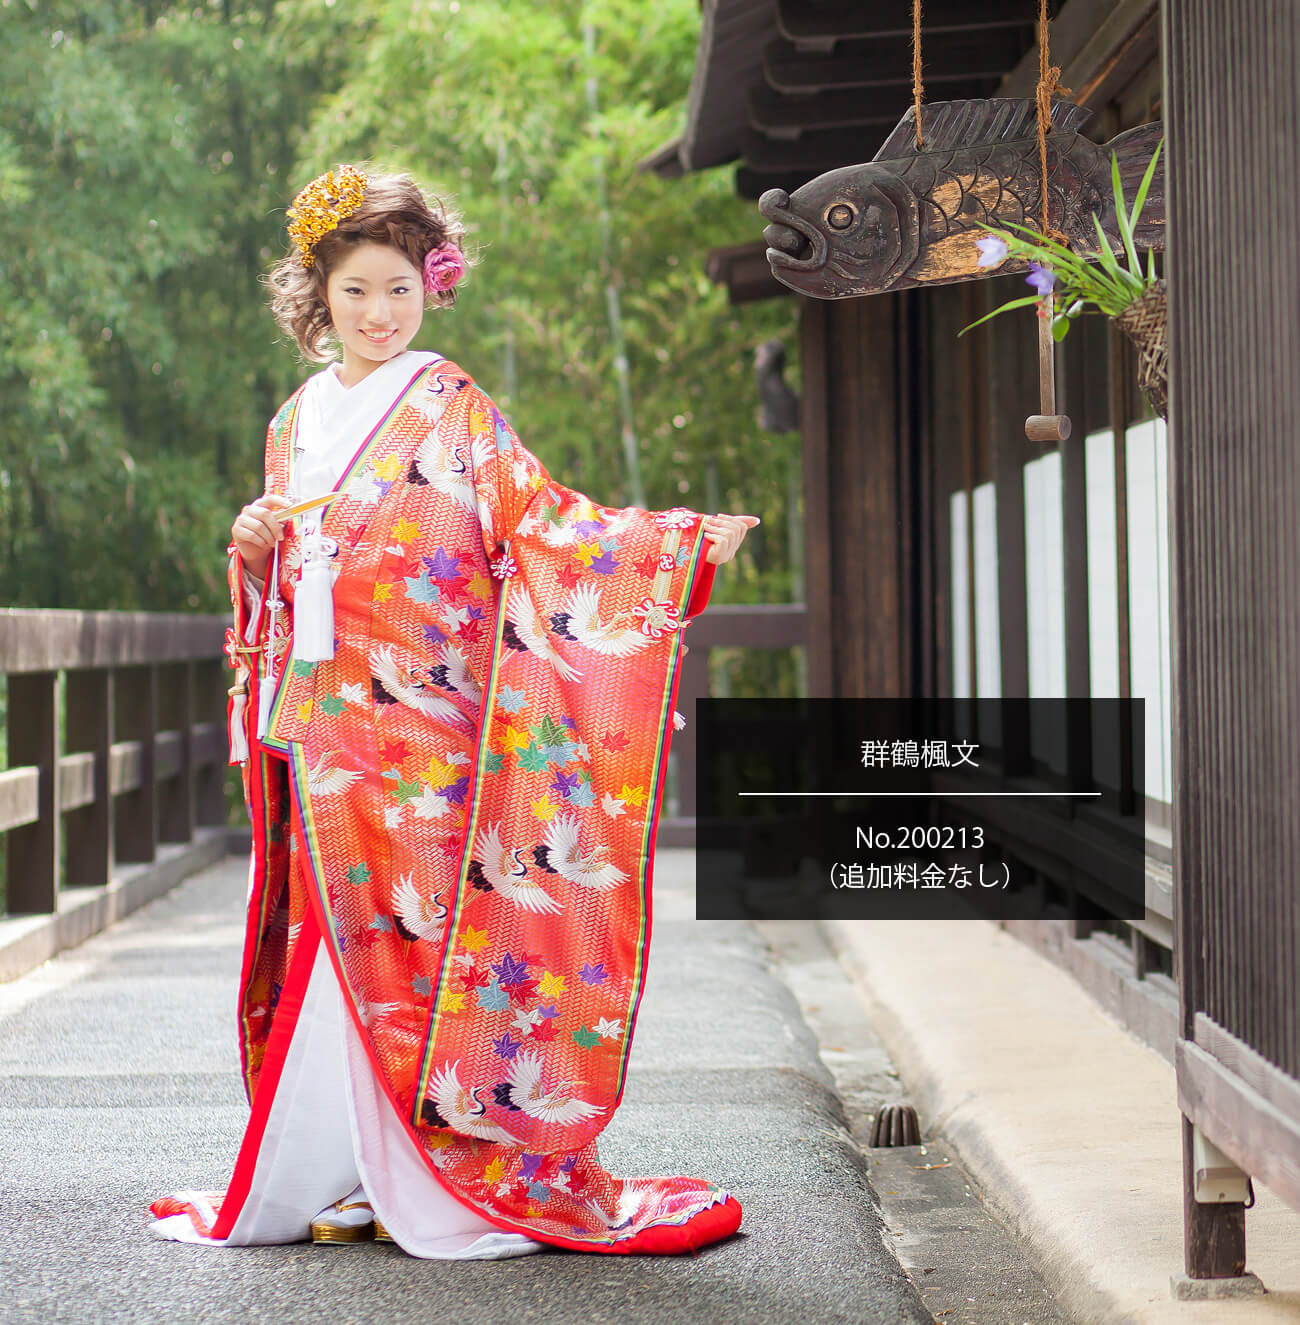 衣裳ギャラリー 京都前撮り ロケーション撮影の京都好日